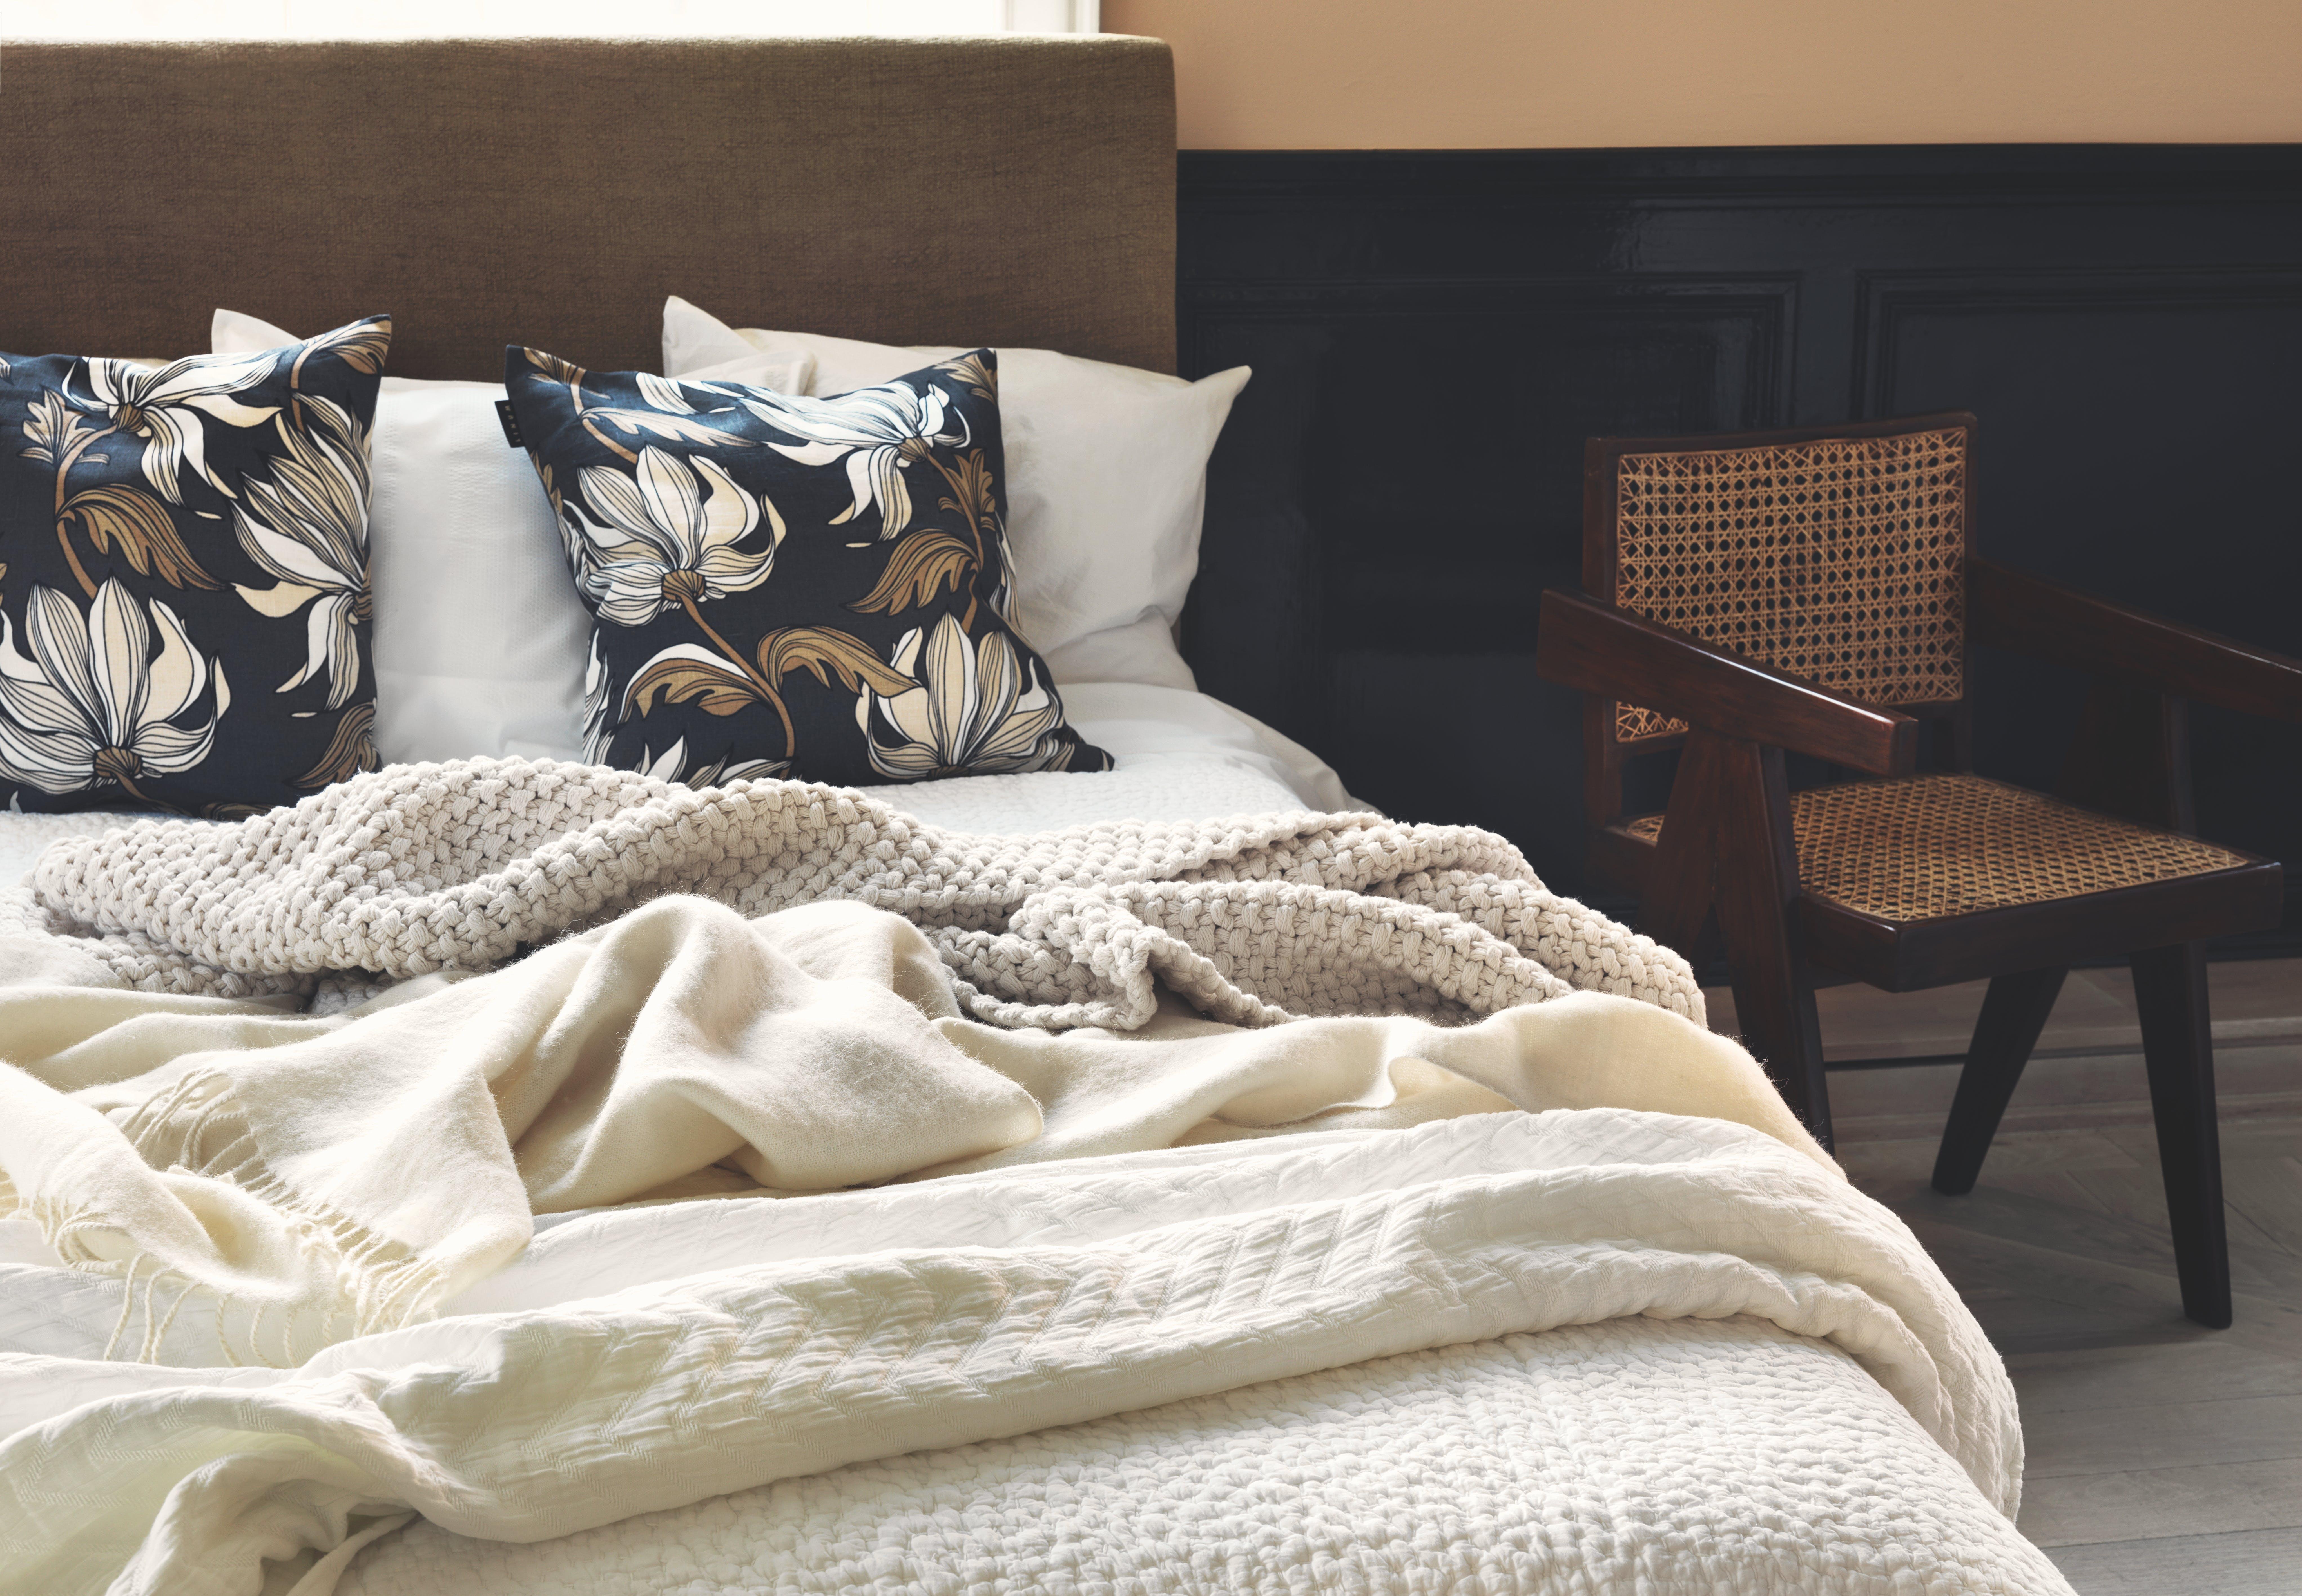 Linum puder og tæpper i en seng